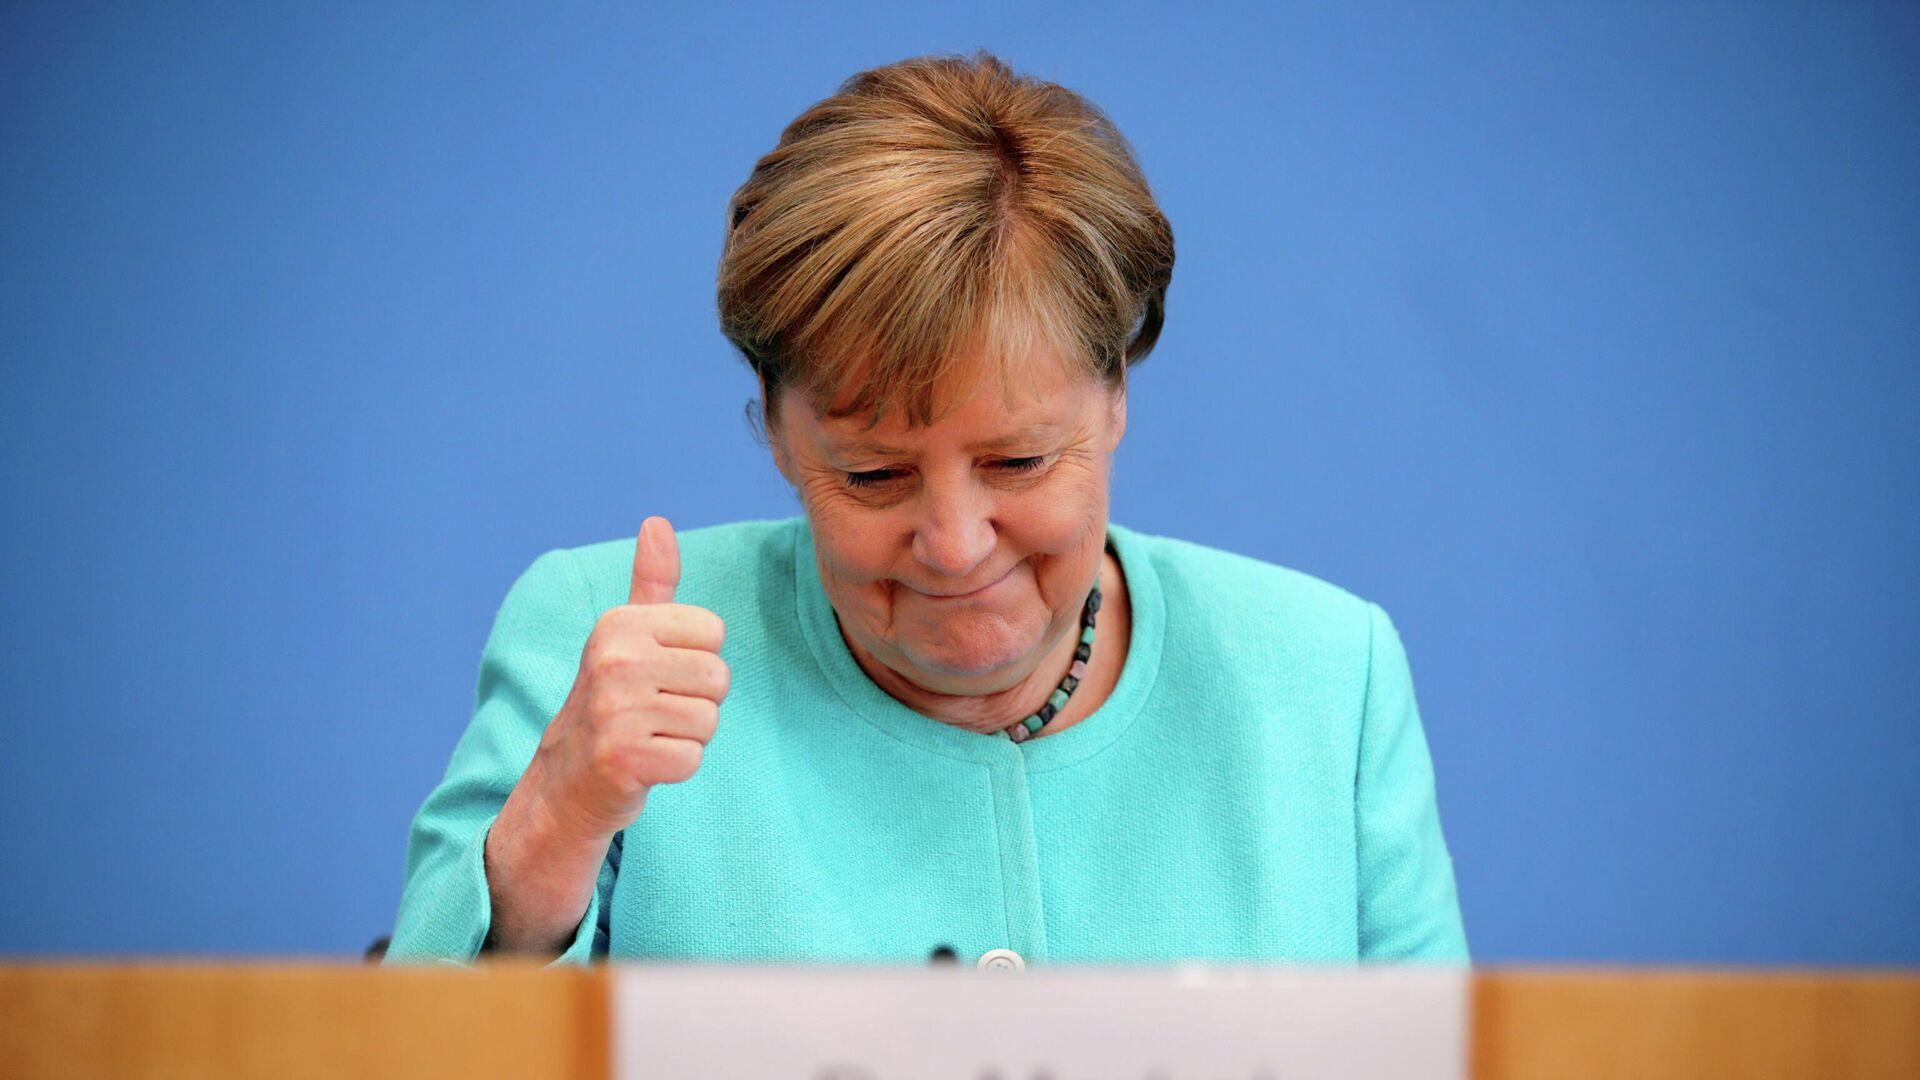 Канцлер Германии Ангела Меркель во время пресс-конференции в Берлине - РИА Новости, 1920, 22.07.2021